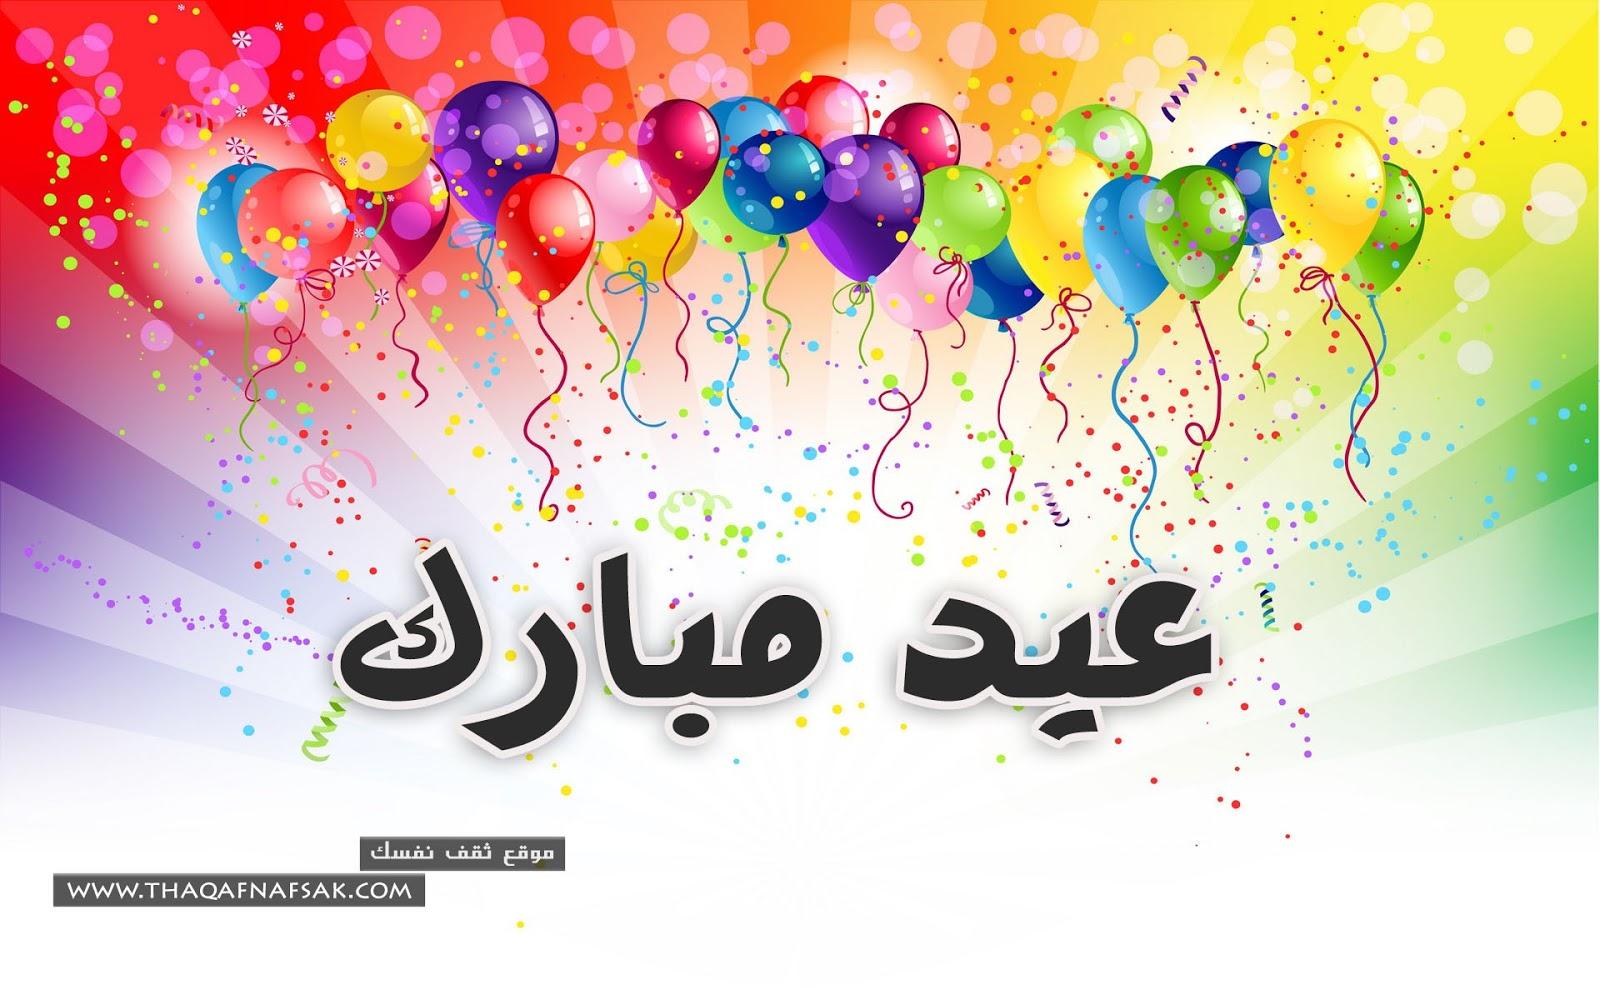 بالصور صور للعيد , اجمل بوستات تهنئه بالعيد 2189 8